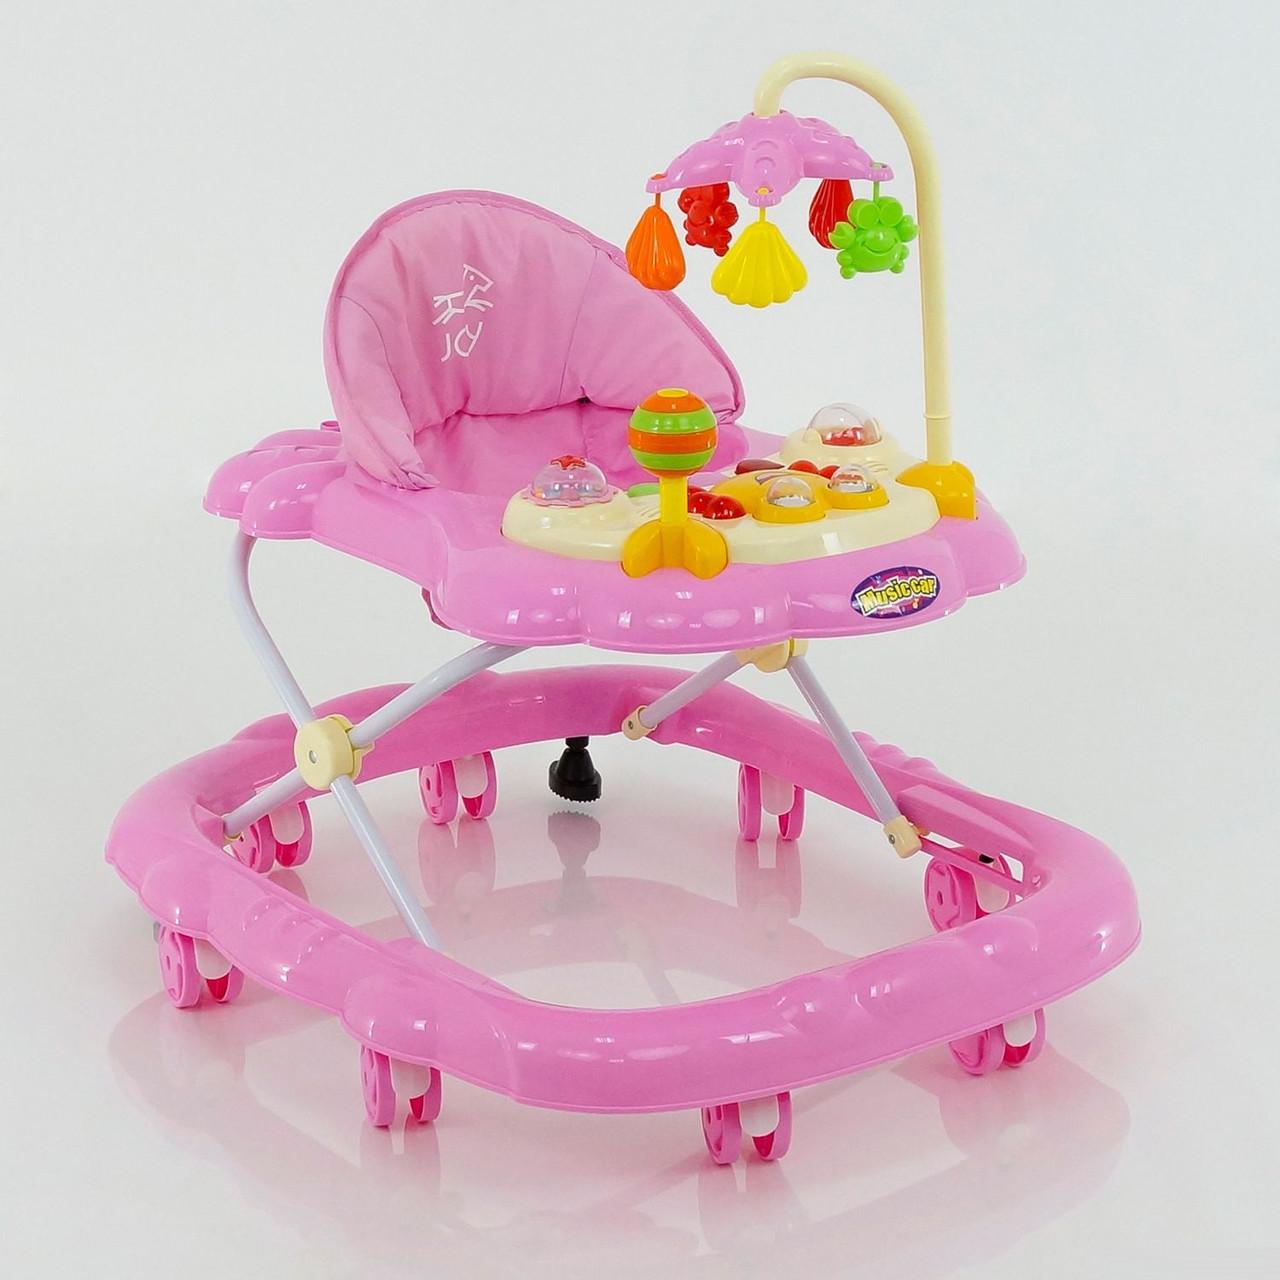 Дитячі ходунки музичні для дівчинки «Music Car» JOY D 28 (рожеві)